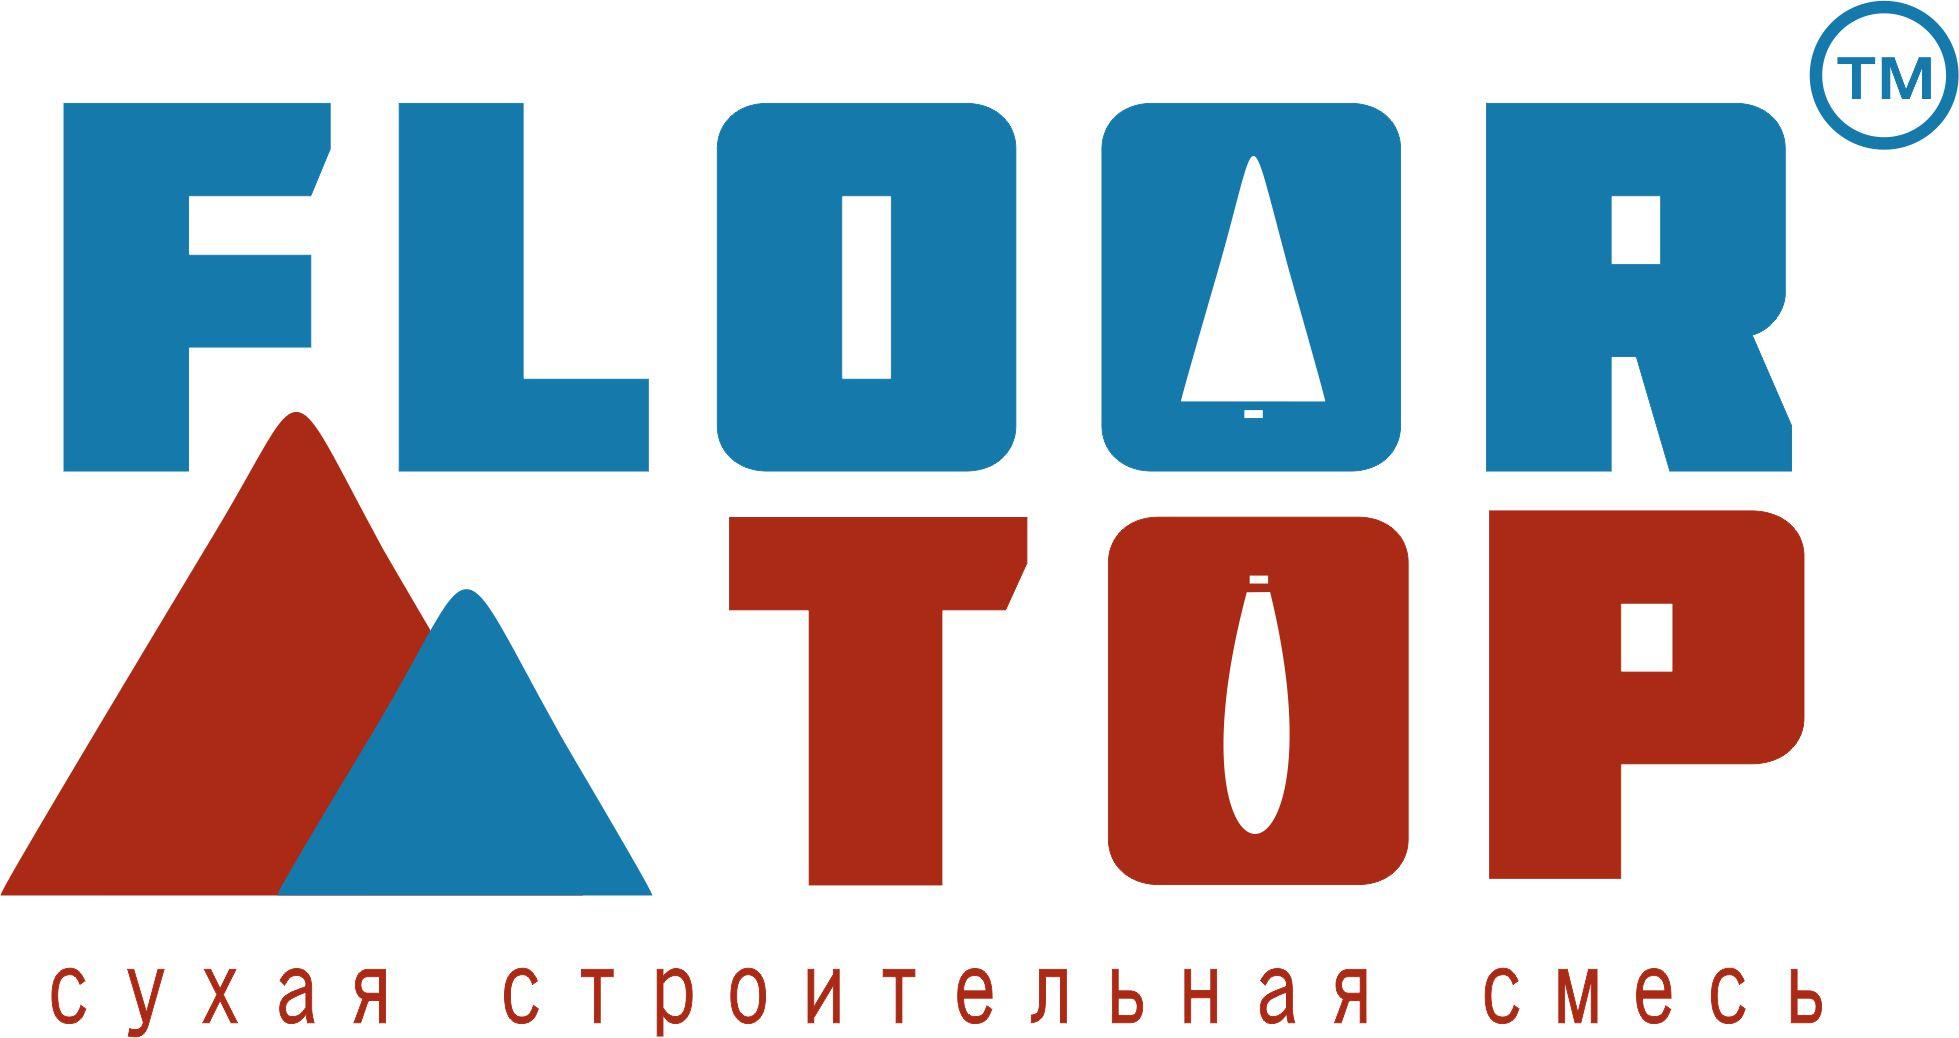 Разработка логотипа и дизайна на упаковку для сухой смеси фото f_8955d2b6ce41d6ae.jpg